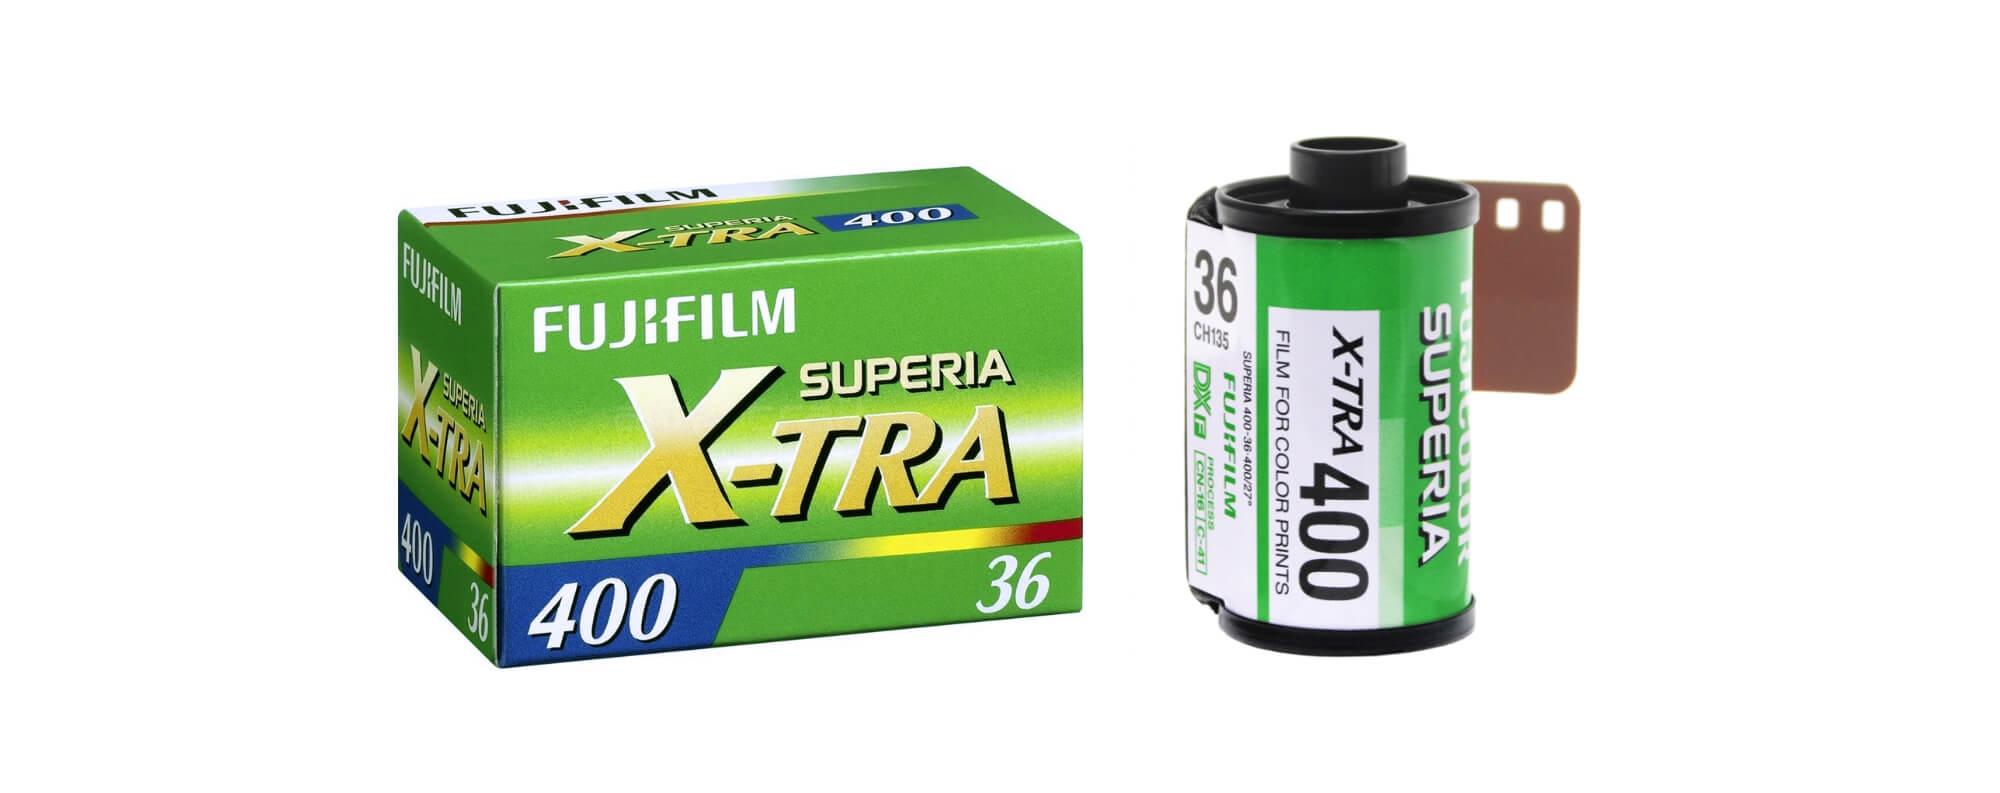 fujifilm superia farebný kinofilm